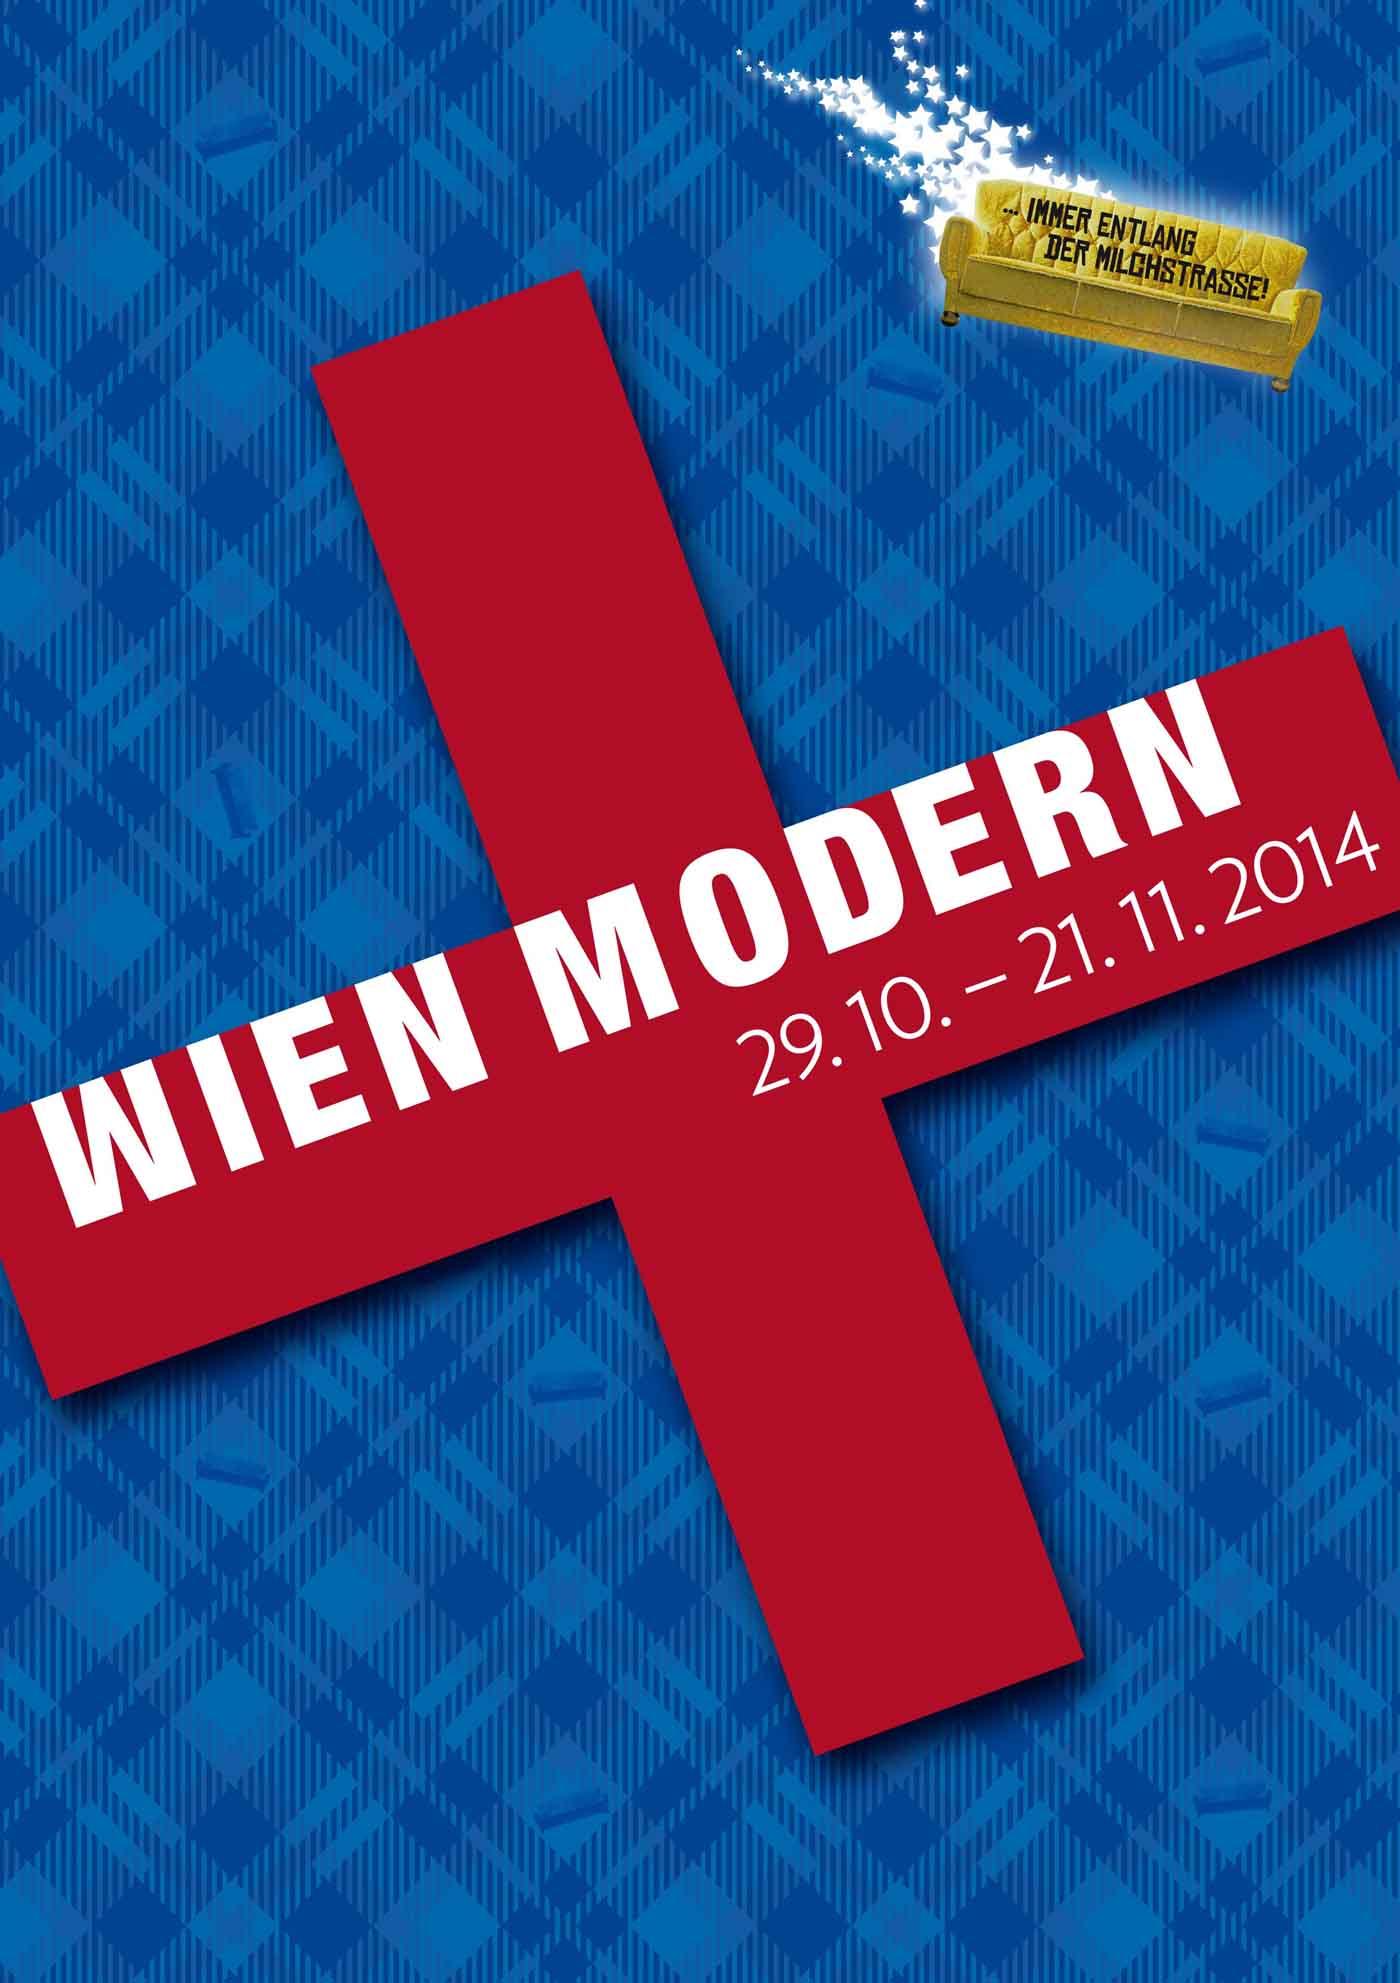 Wien Modern Sujet 2014 WIEN MODERN